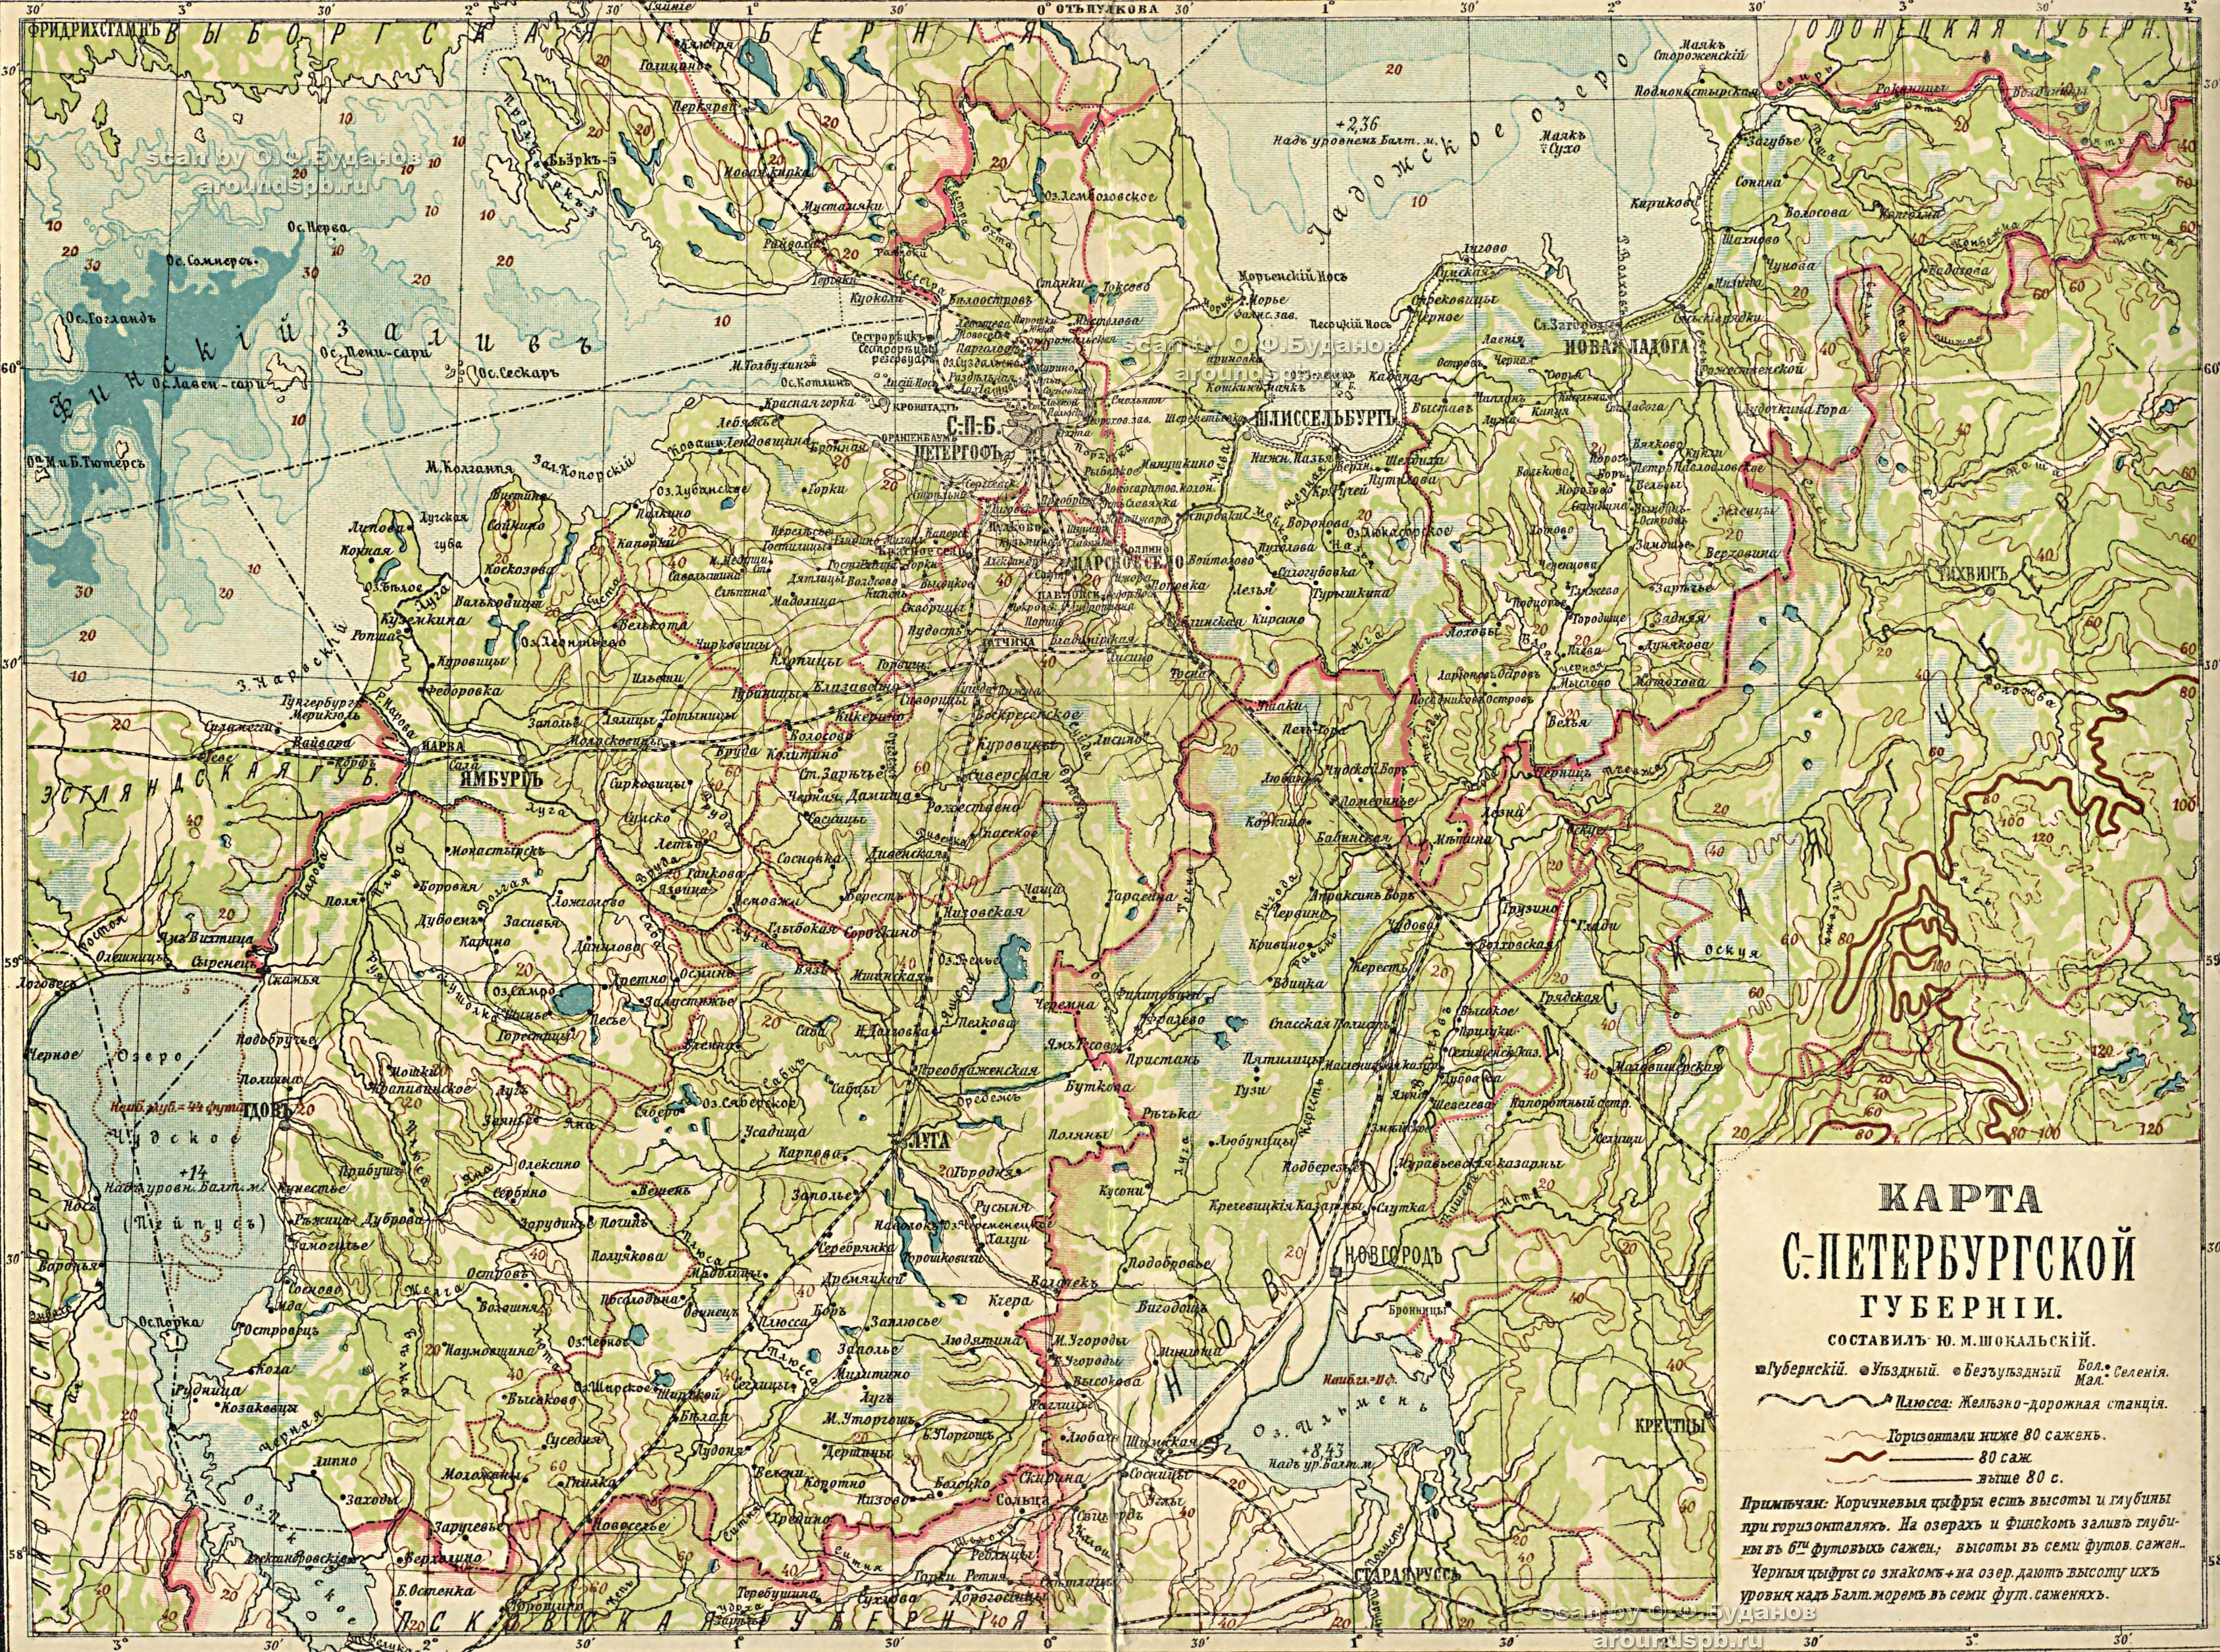 Коллекция старинных карт российской империи